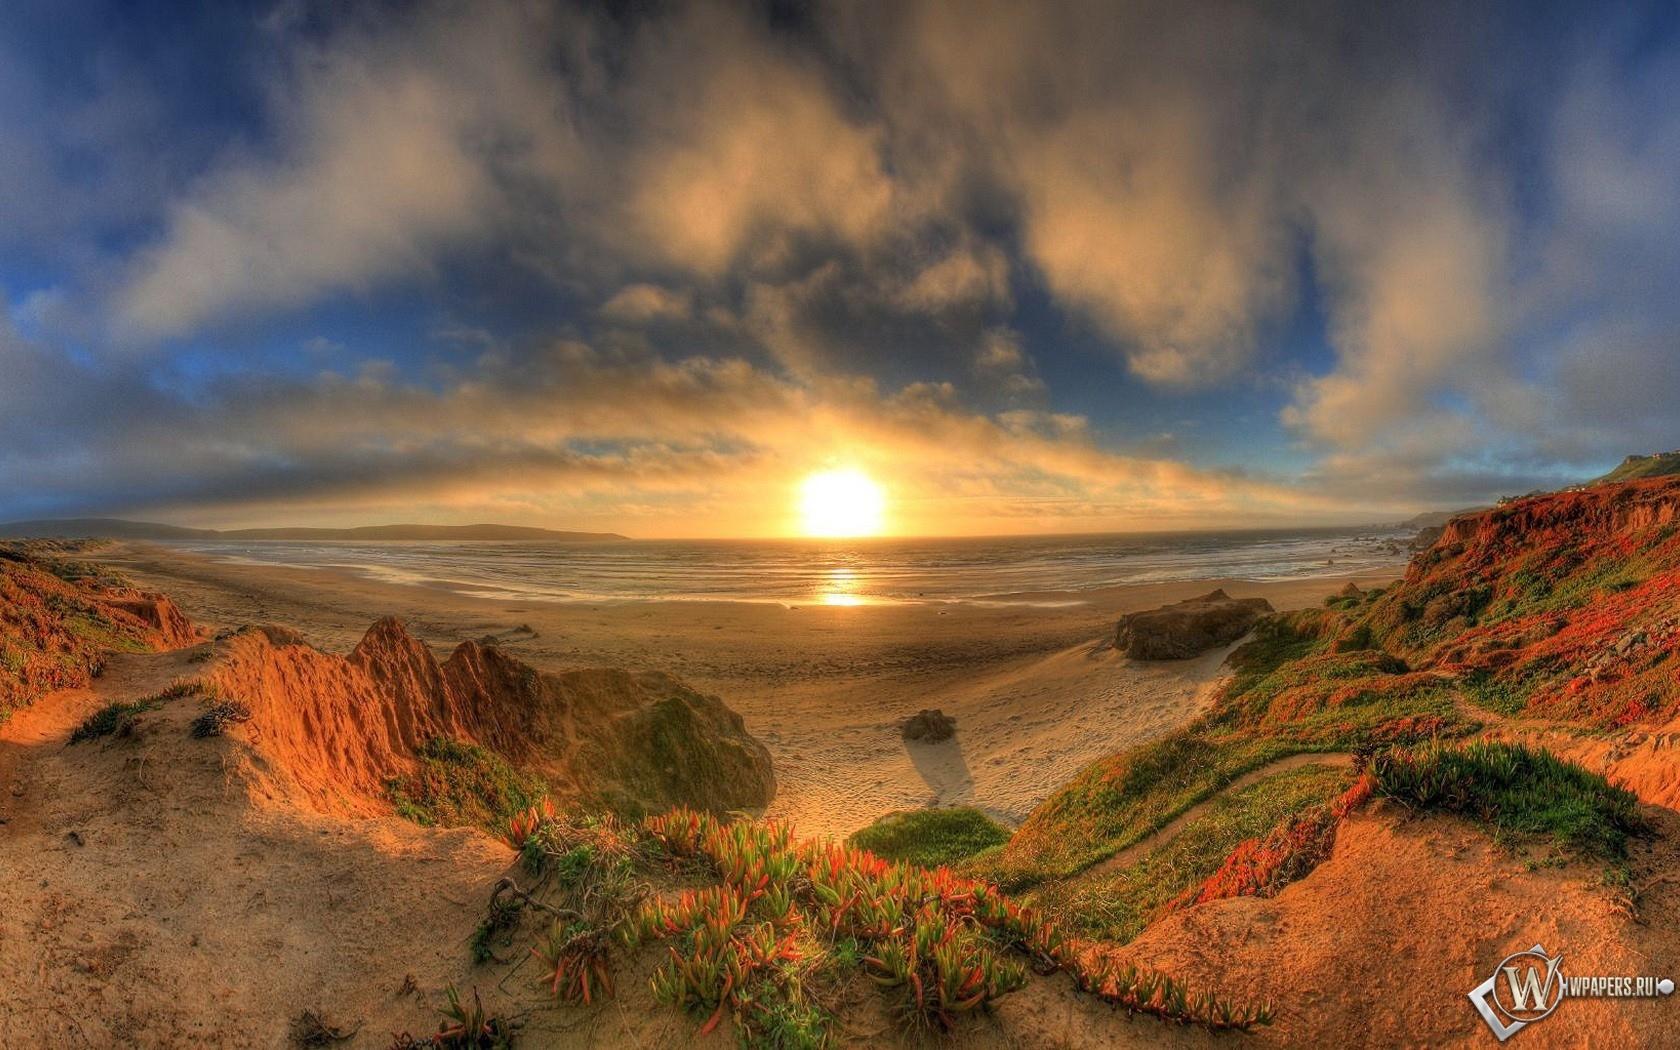 Закат на берегу 1680x1050